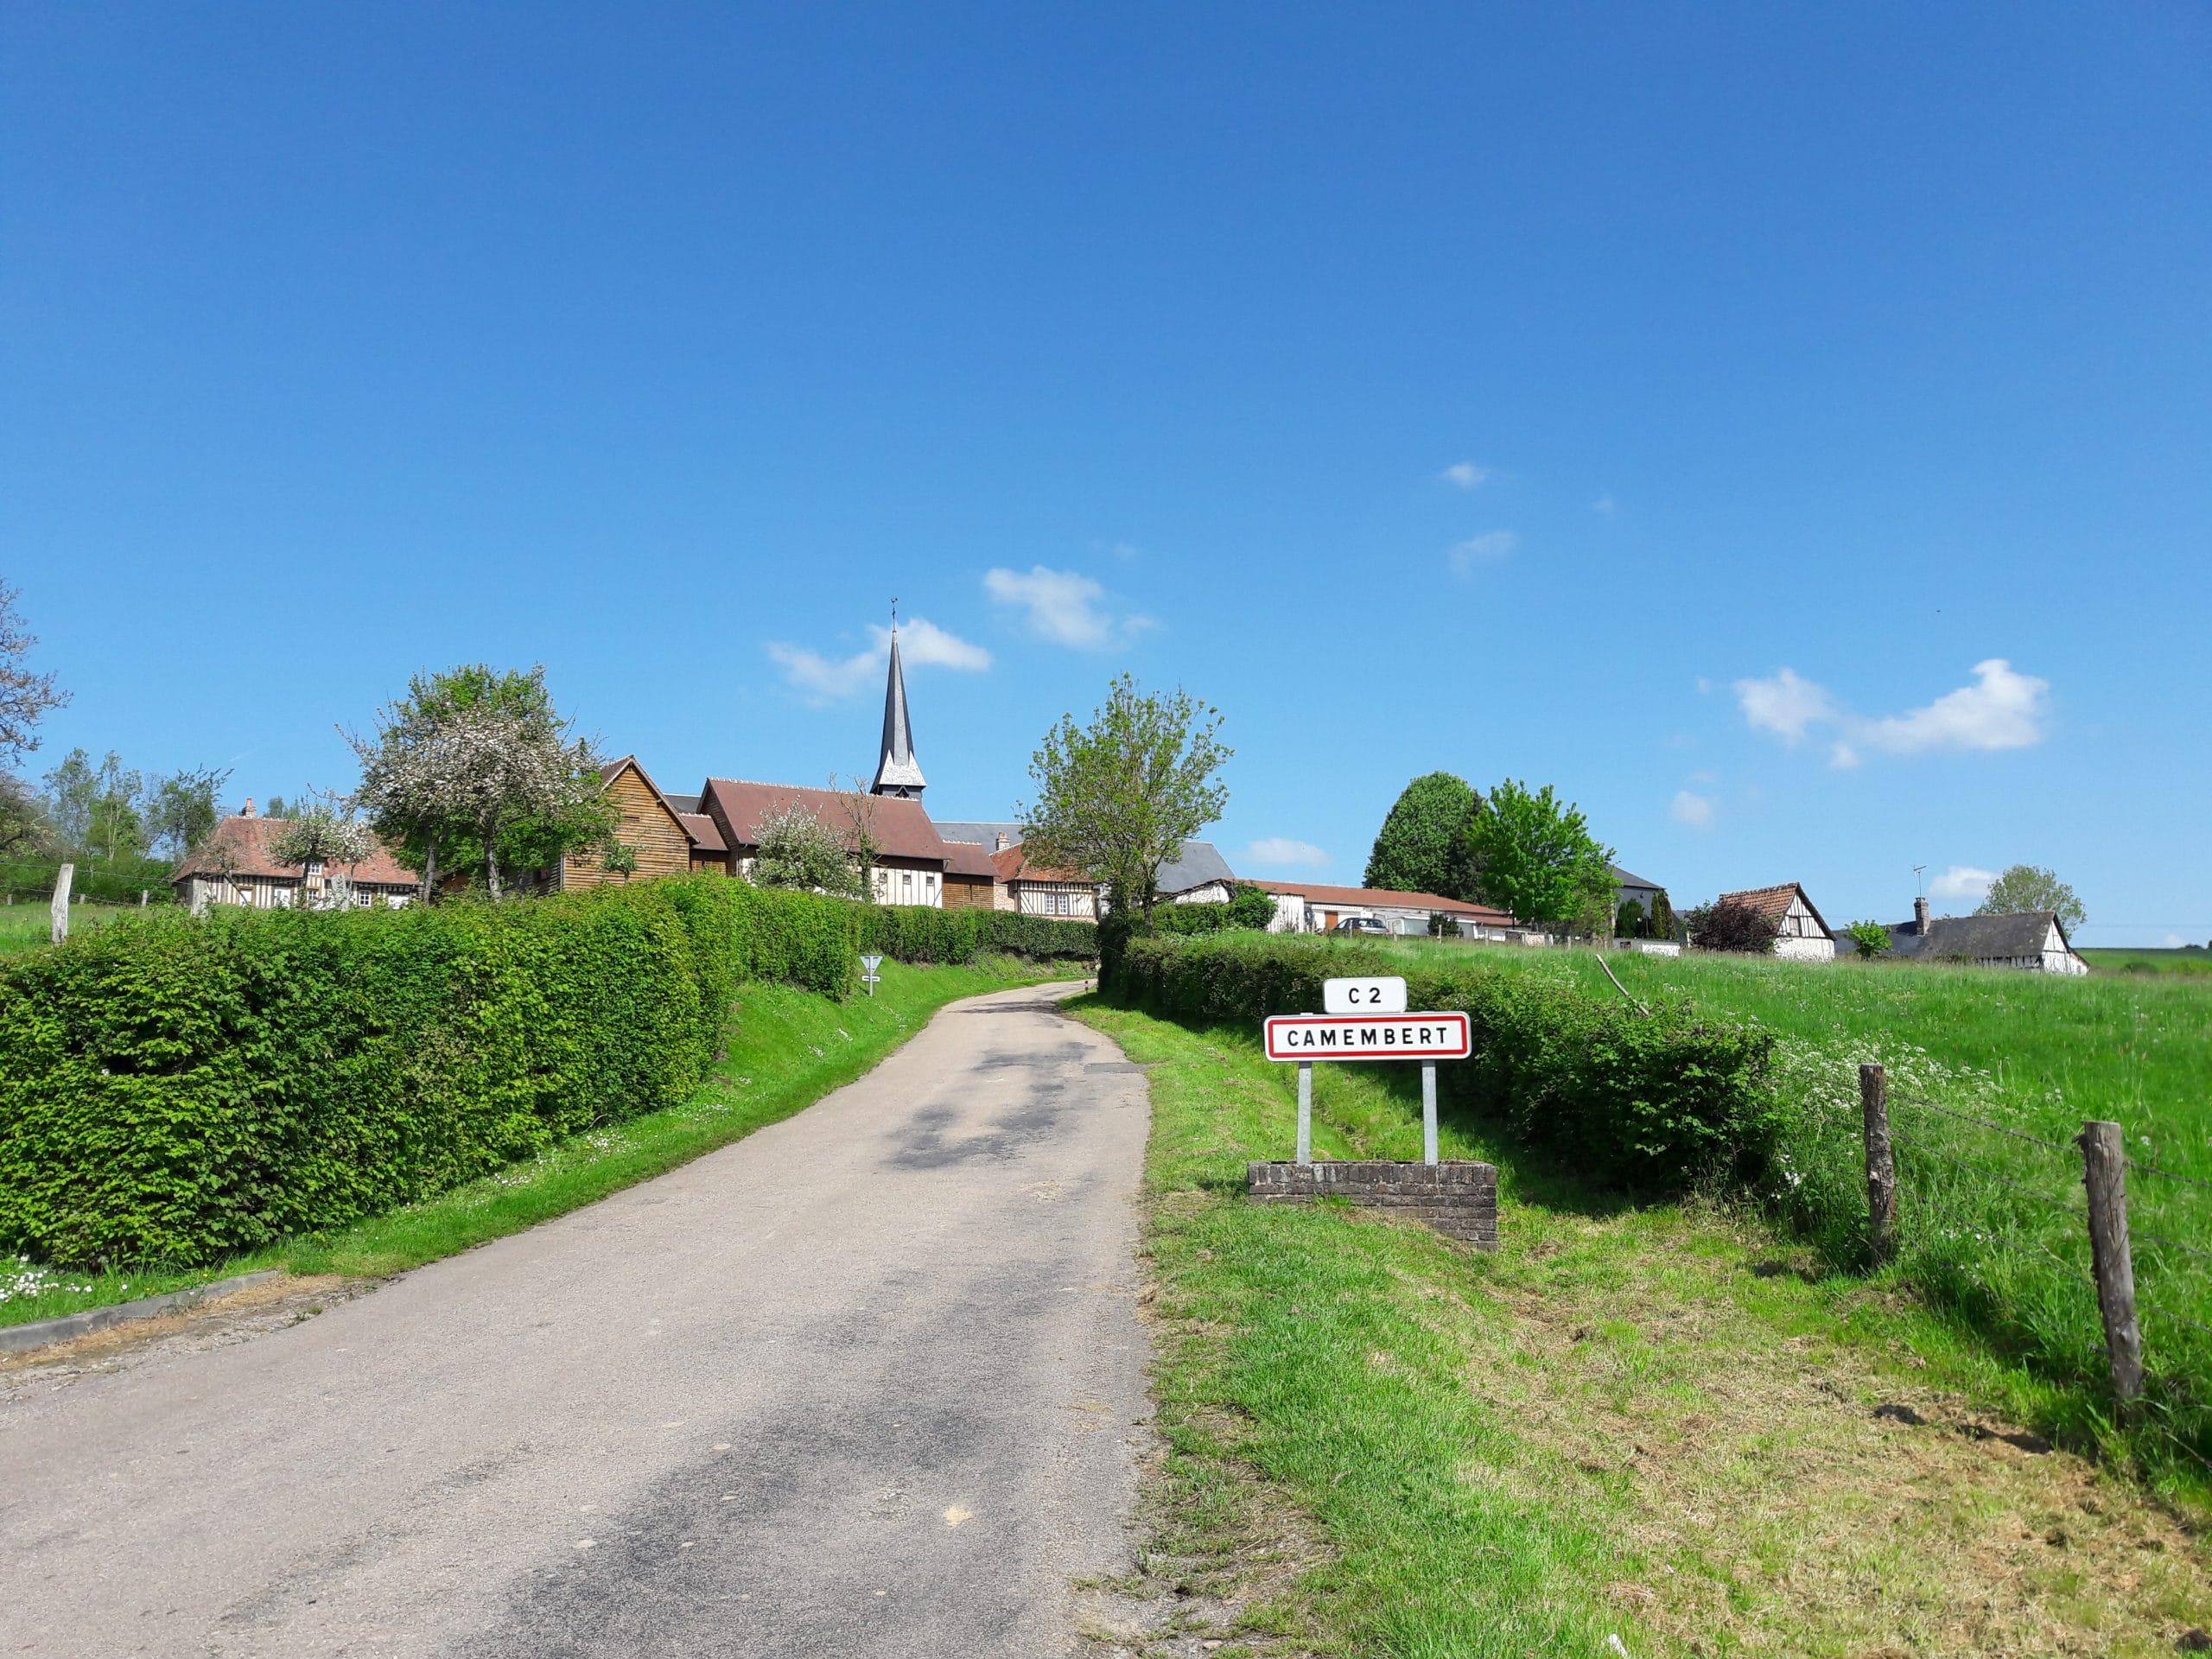 Village de Camembert en Normandie